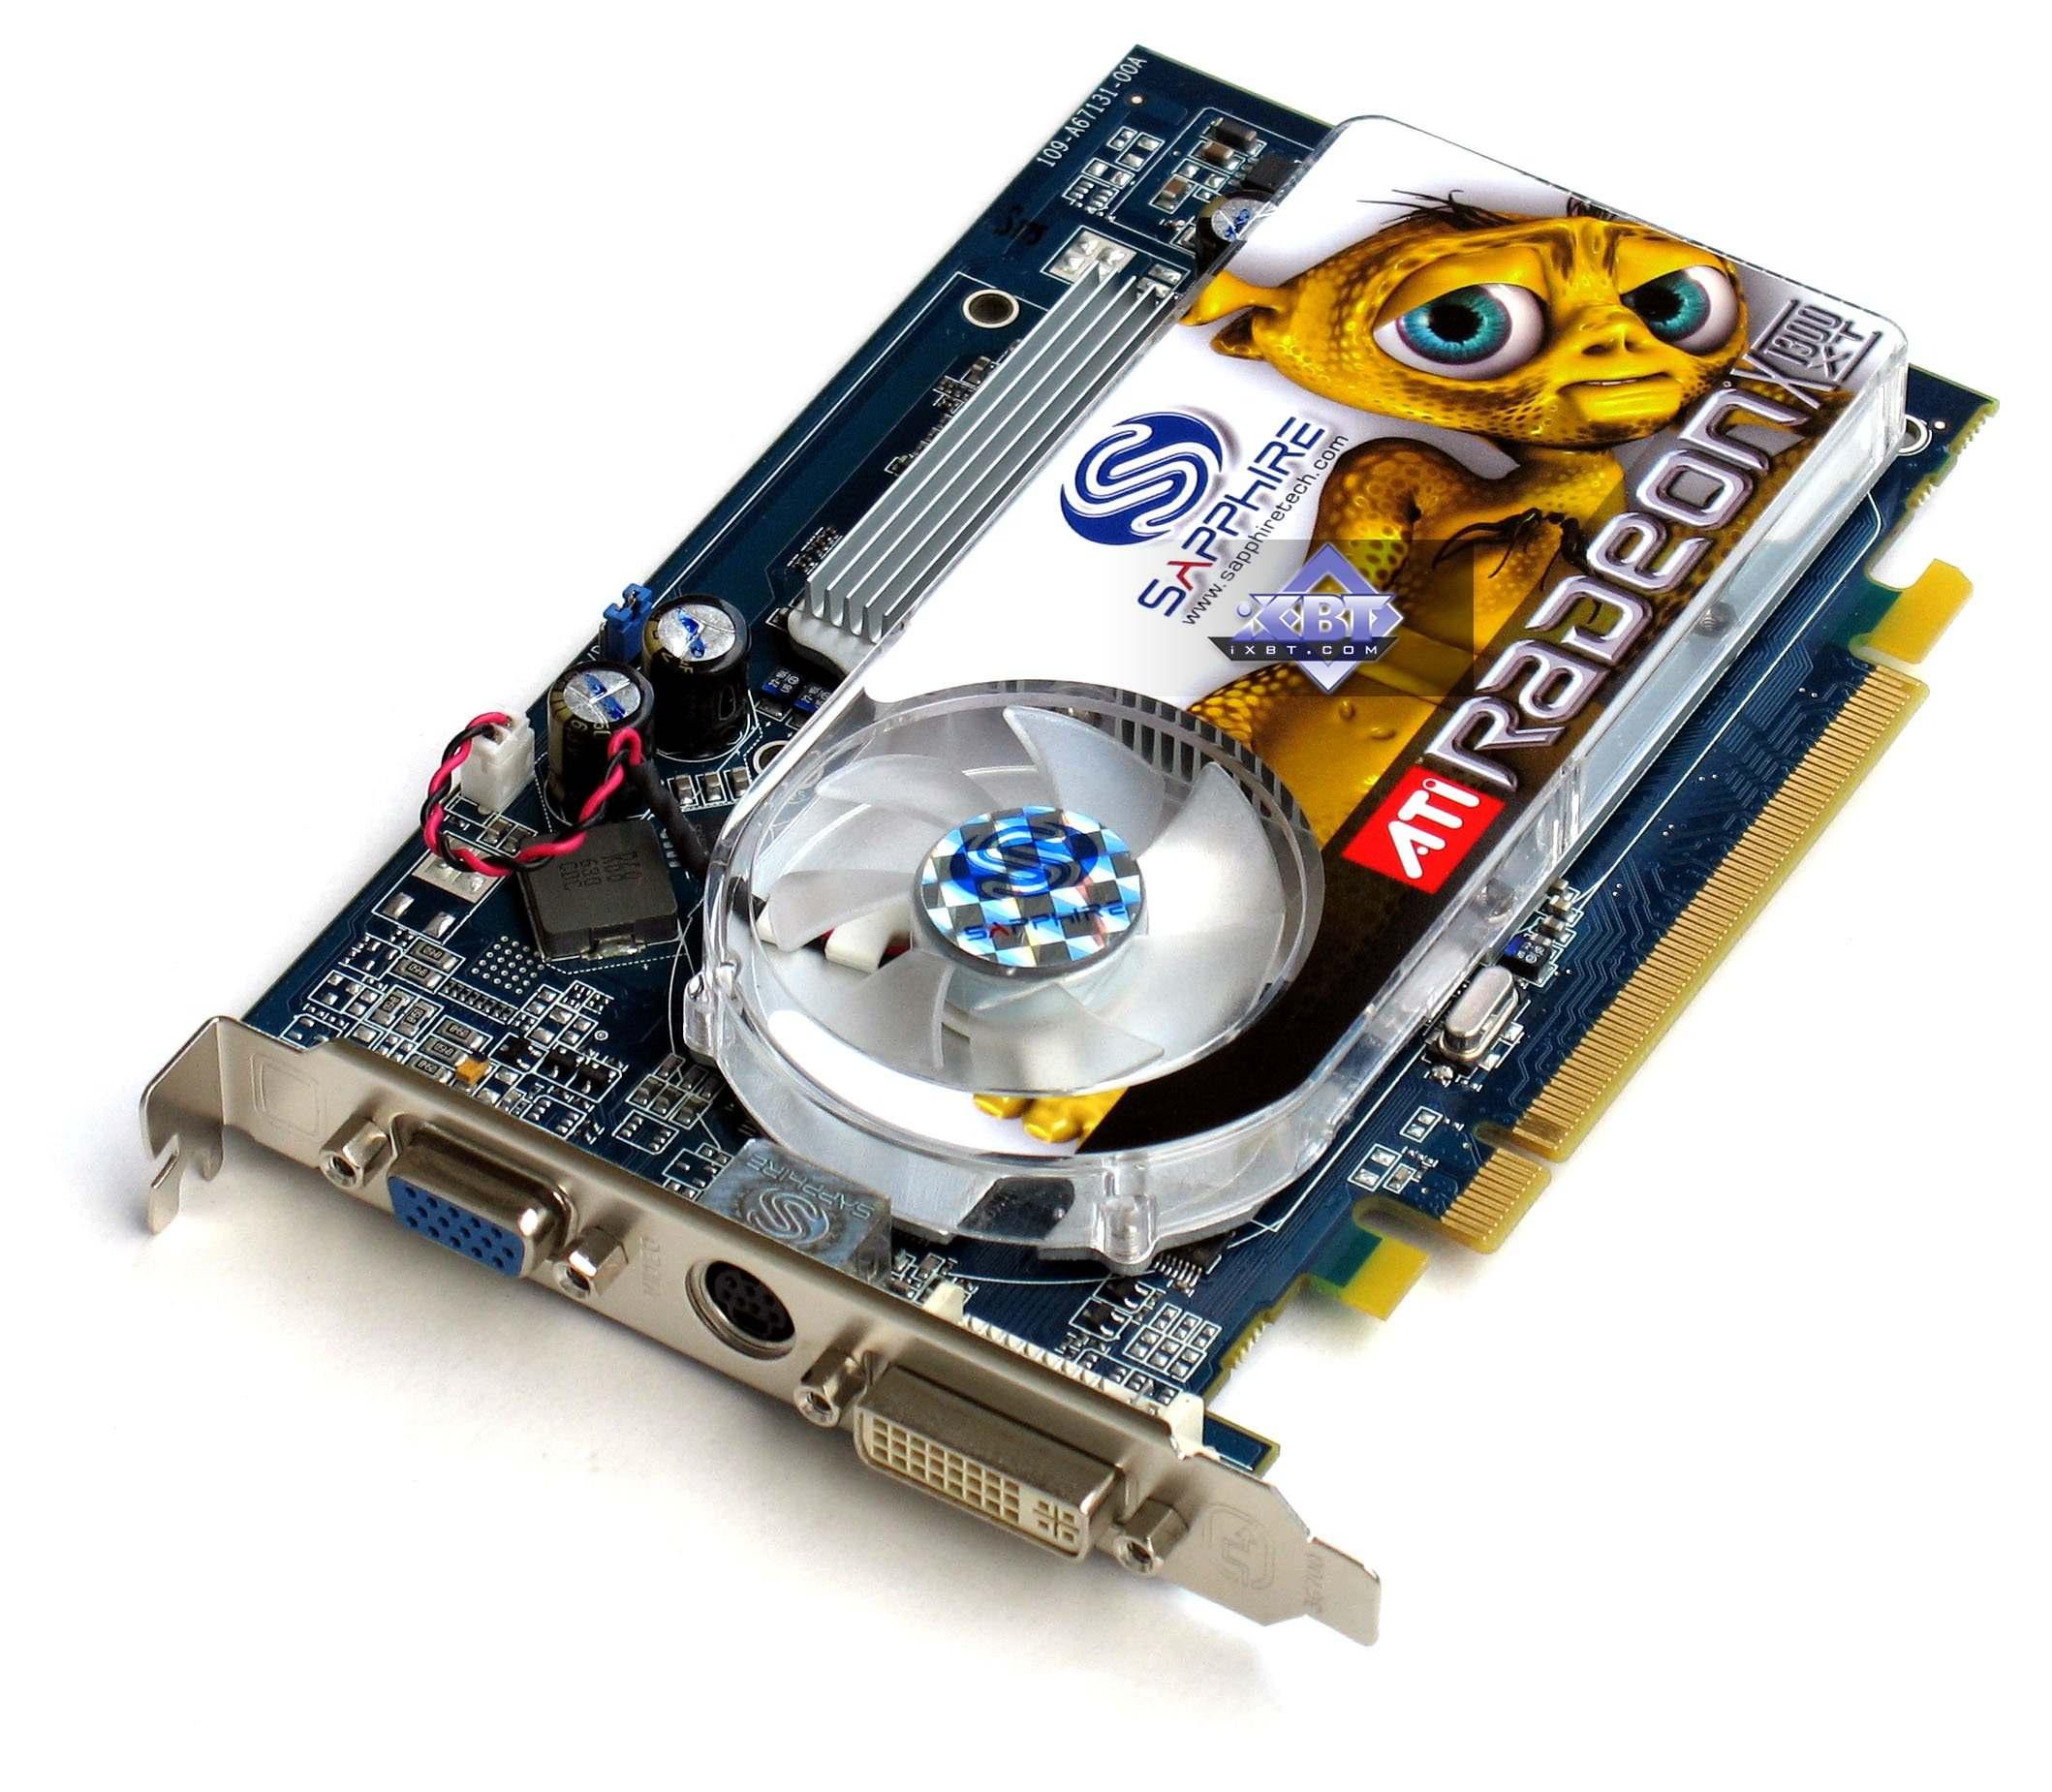 RADEON X1300 TÉLÉCHARGER AMD ATI